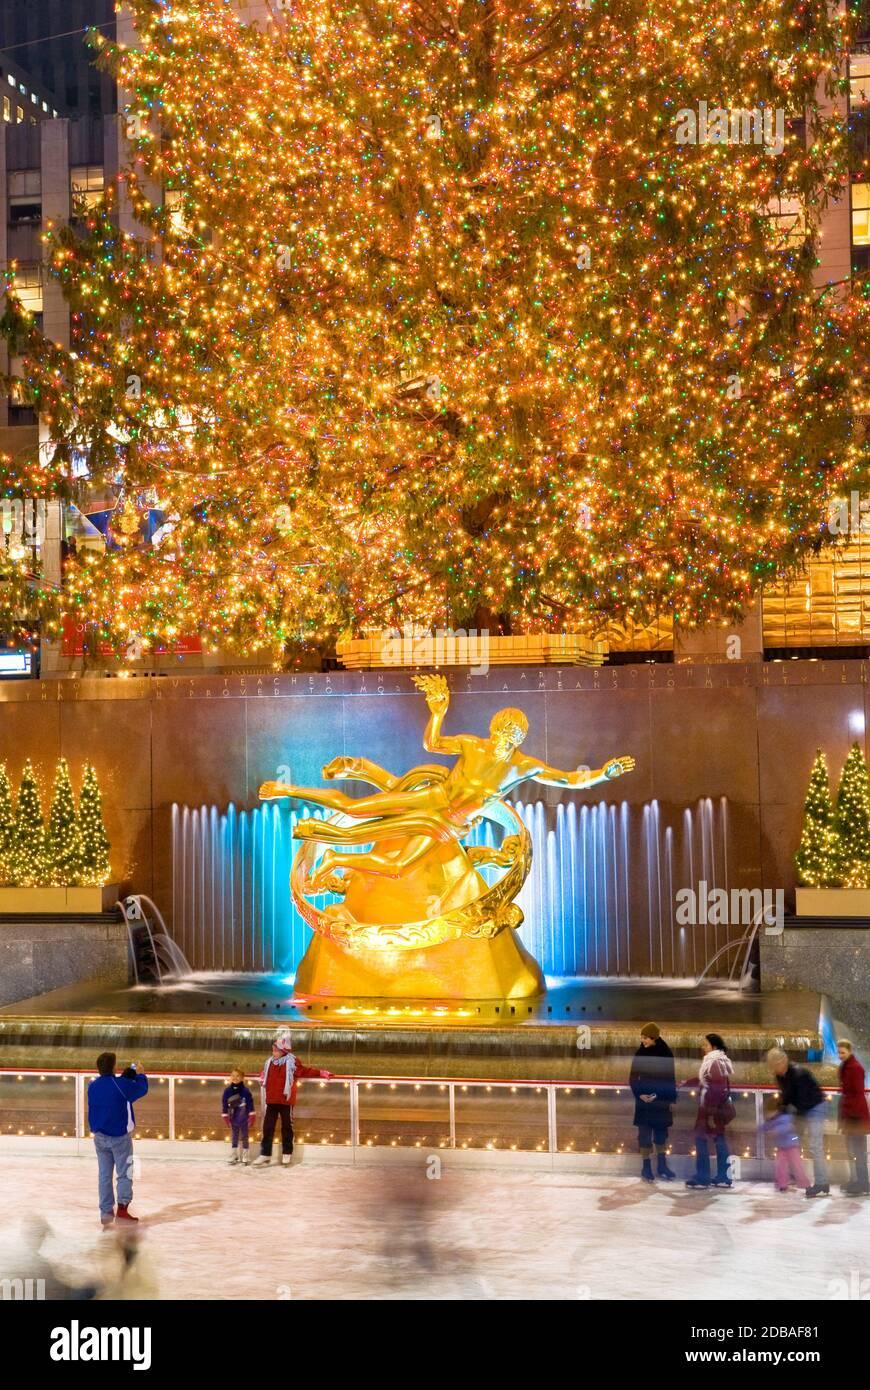 Rockefeller Plaza Rockefeller Center Skating Rink Christmas in New York Stock Photo